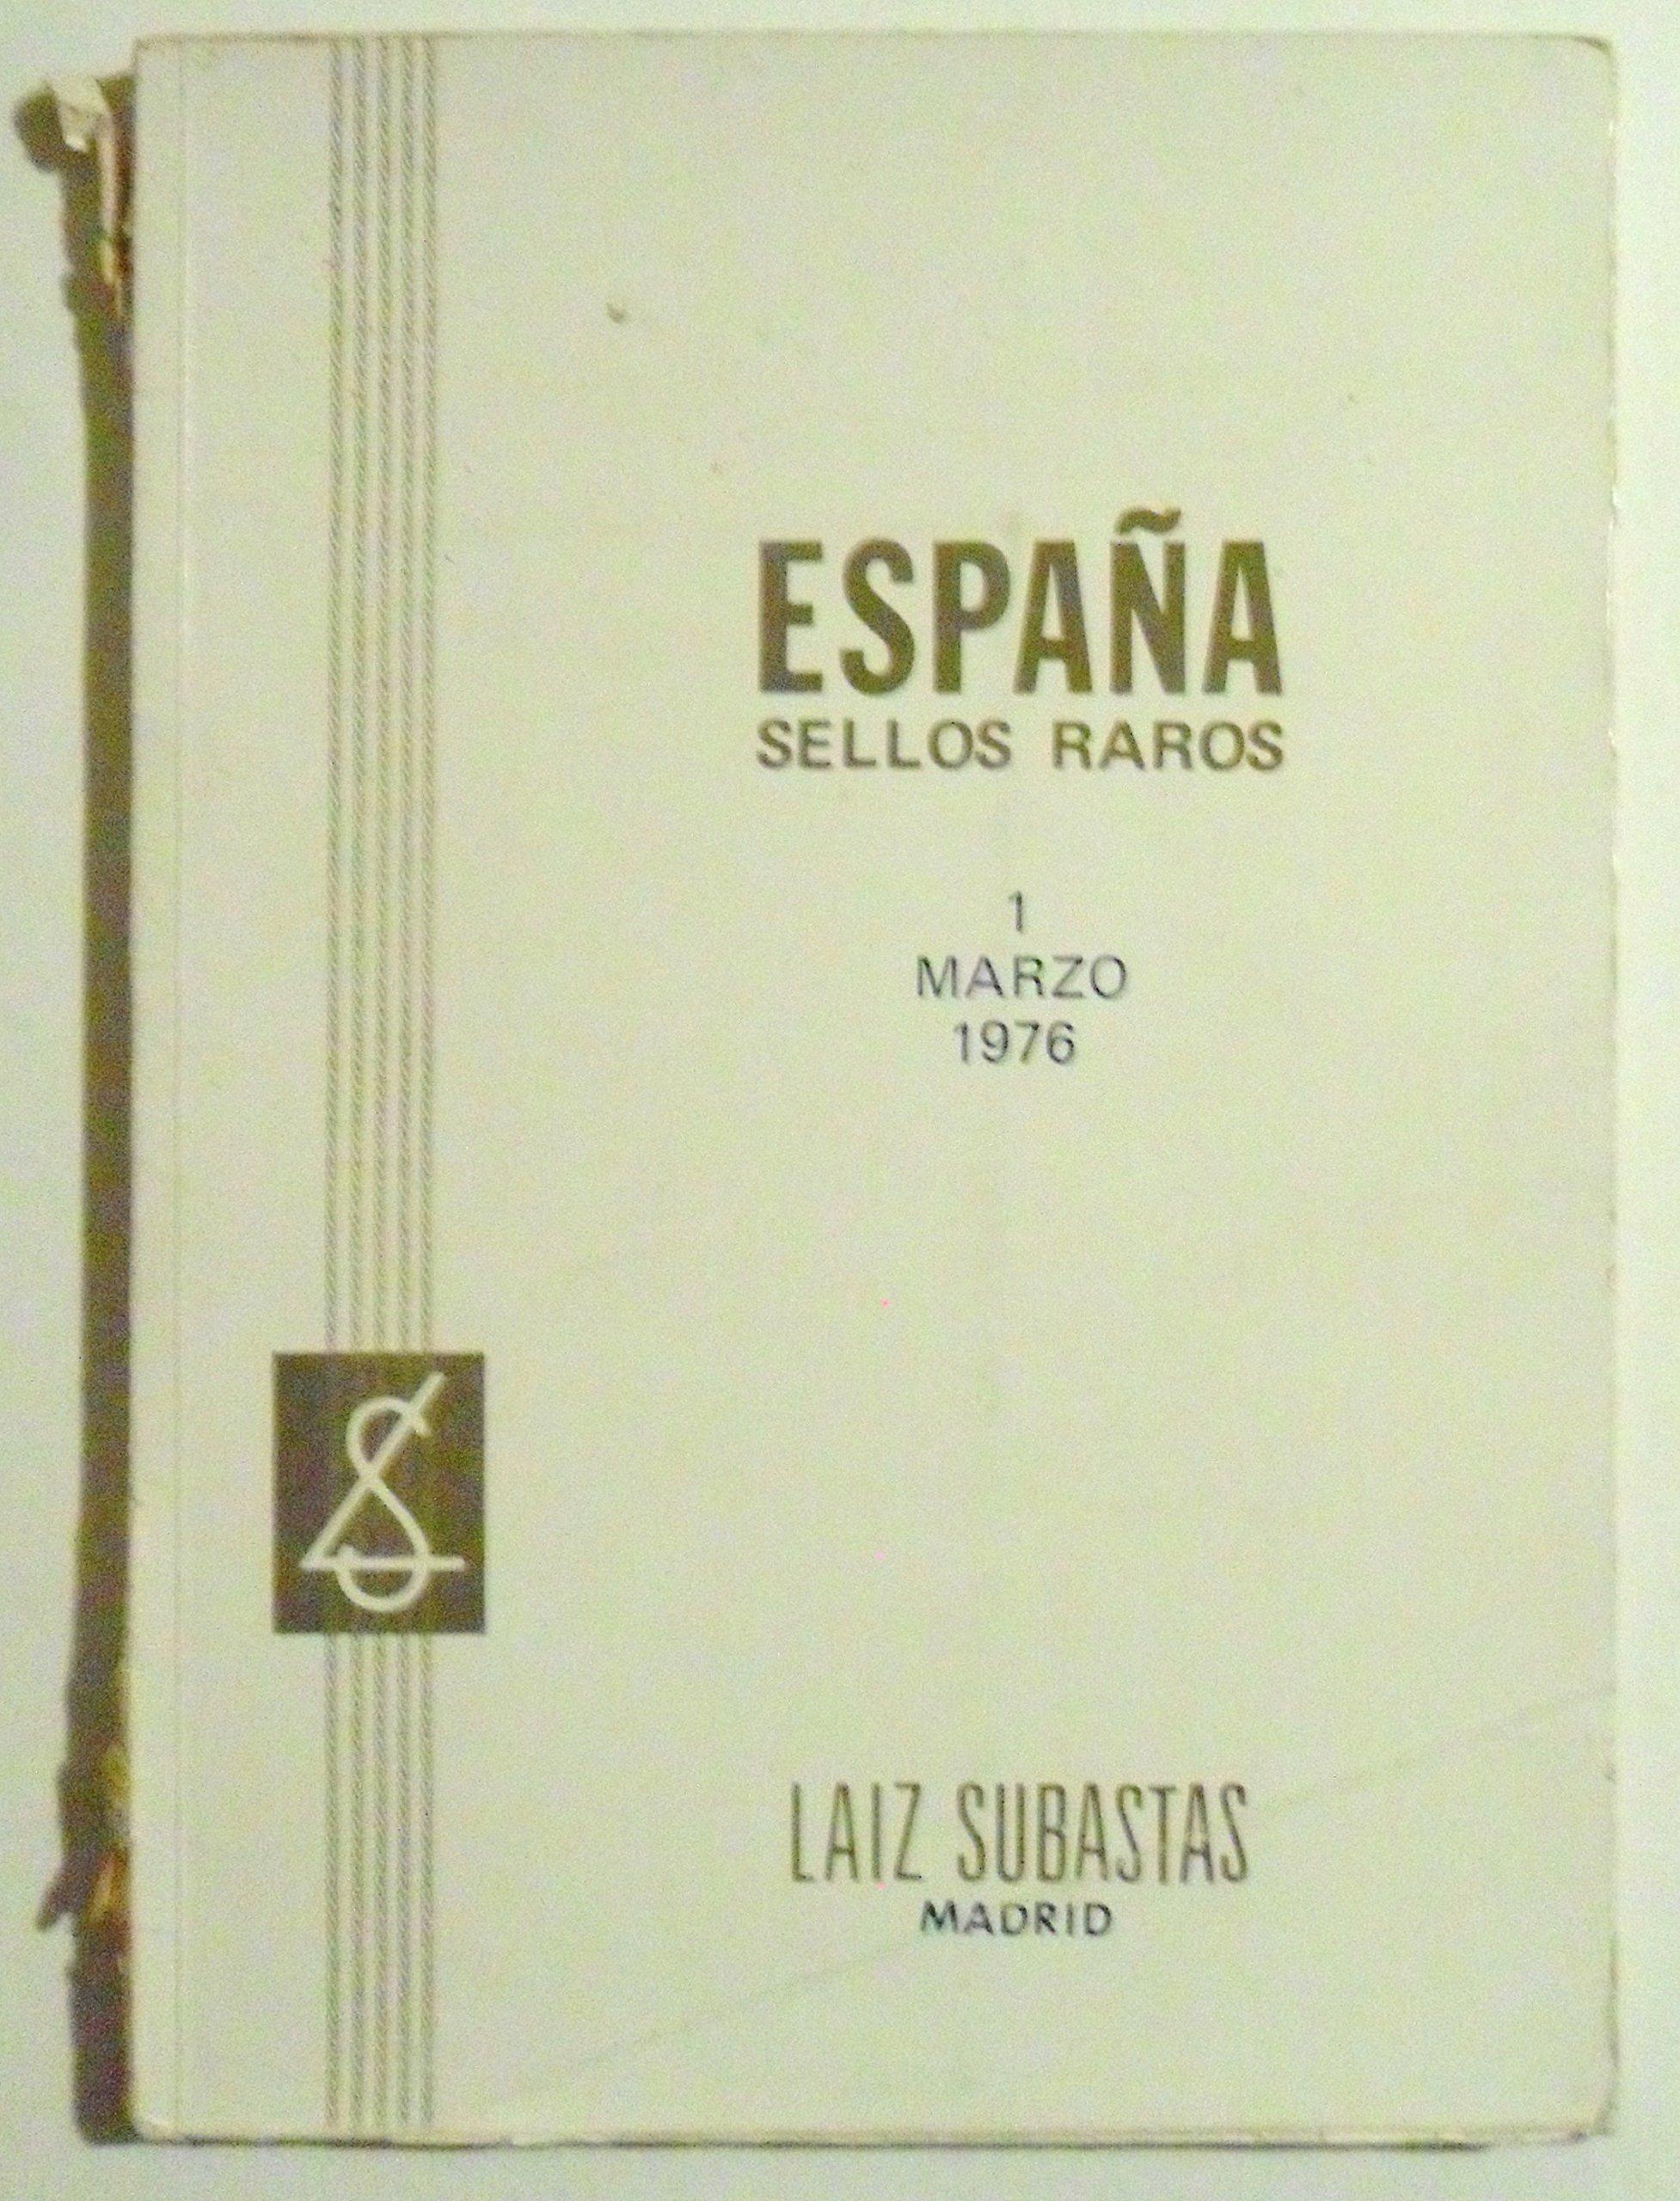 LAIZ SUBASTAS, ESPAÑA SELLOS RAROS 1976.: Amazon.es: LAIZ SUBASTAS ...